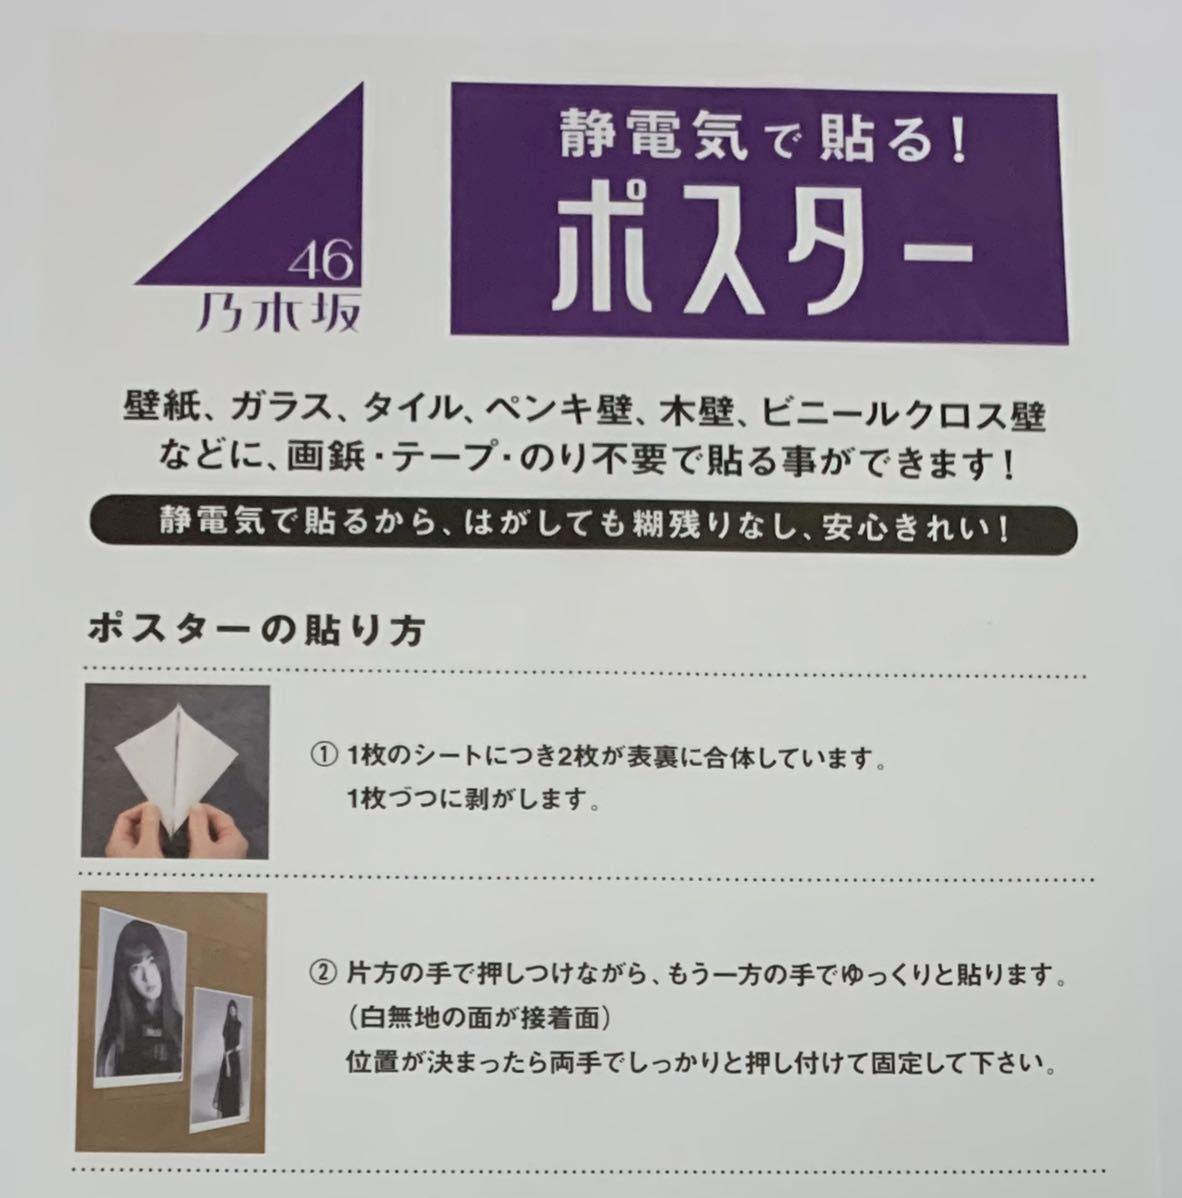 乃木坂46 個別A3静電気吸着ポスター 2枚セット モノクロームポートレイト 筒井あやめ 新品未開封品